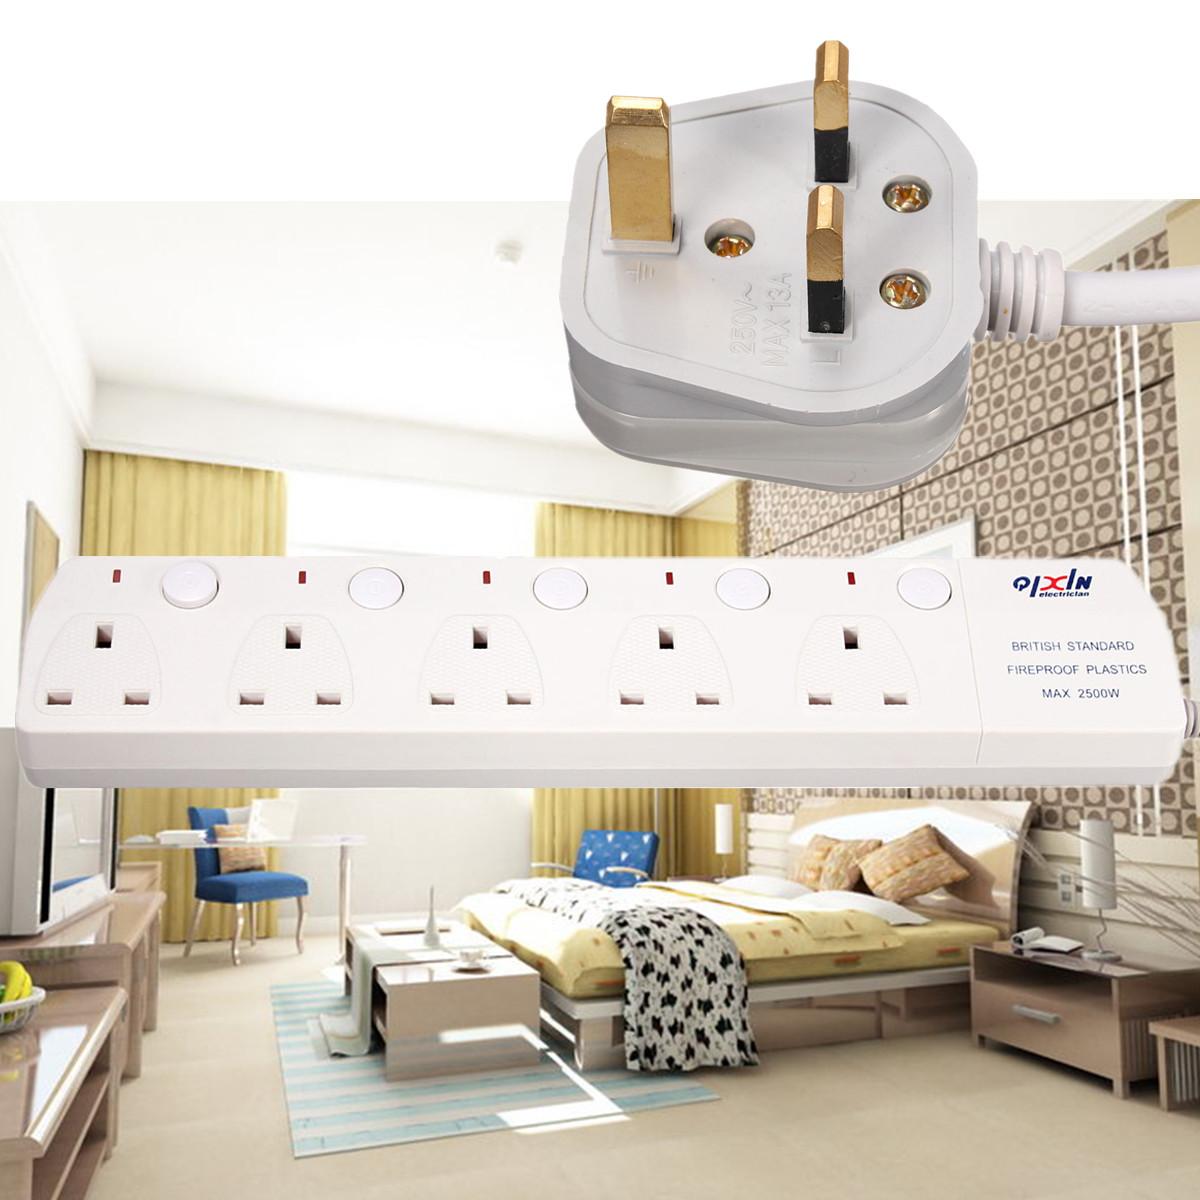 220v 3 usb port prise chargeur plaque panneau mural alimentation outlet socket ebay. Black Bedroom Furniture Sets. Home Design Ideas